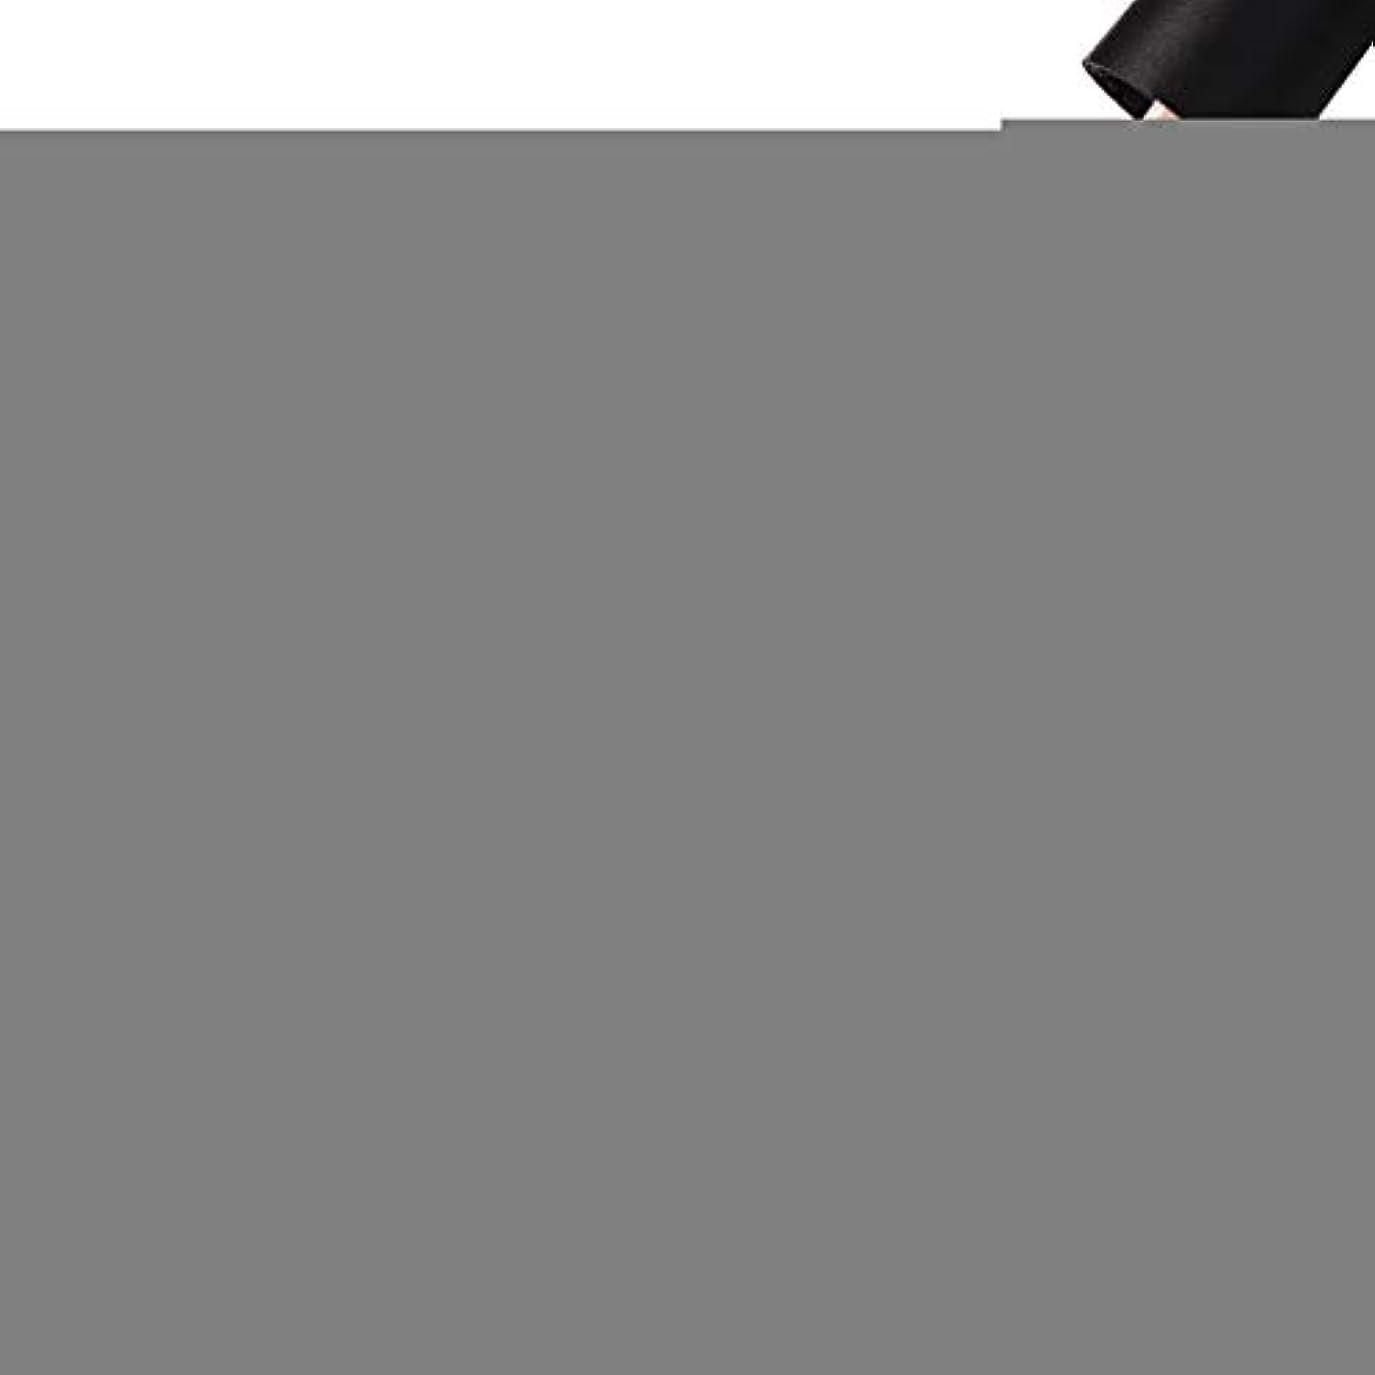 時々懲らしめ島ジェルネイル カラージェル 二段着色プライマー ベースコートとしても カラージェルとしても できる 1色入り 10ml 【全6色選択可】